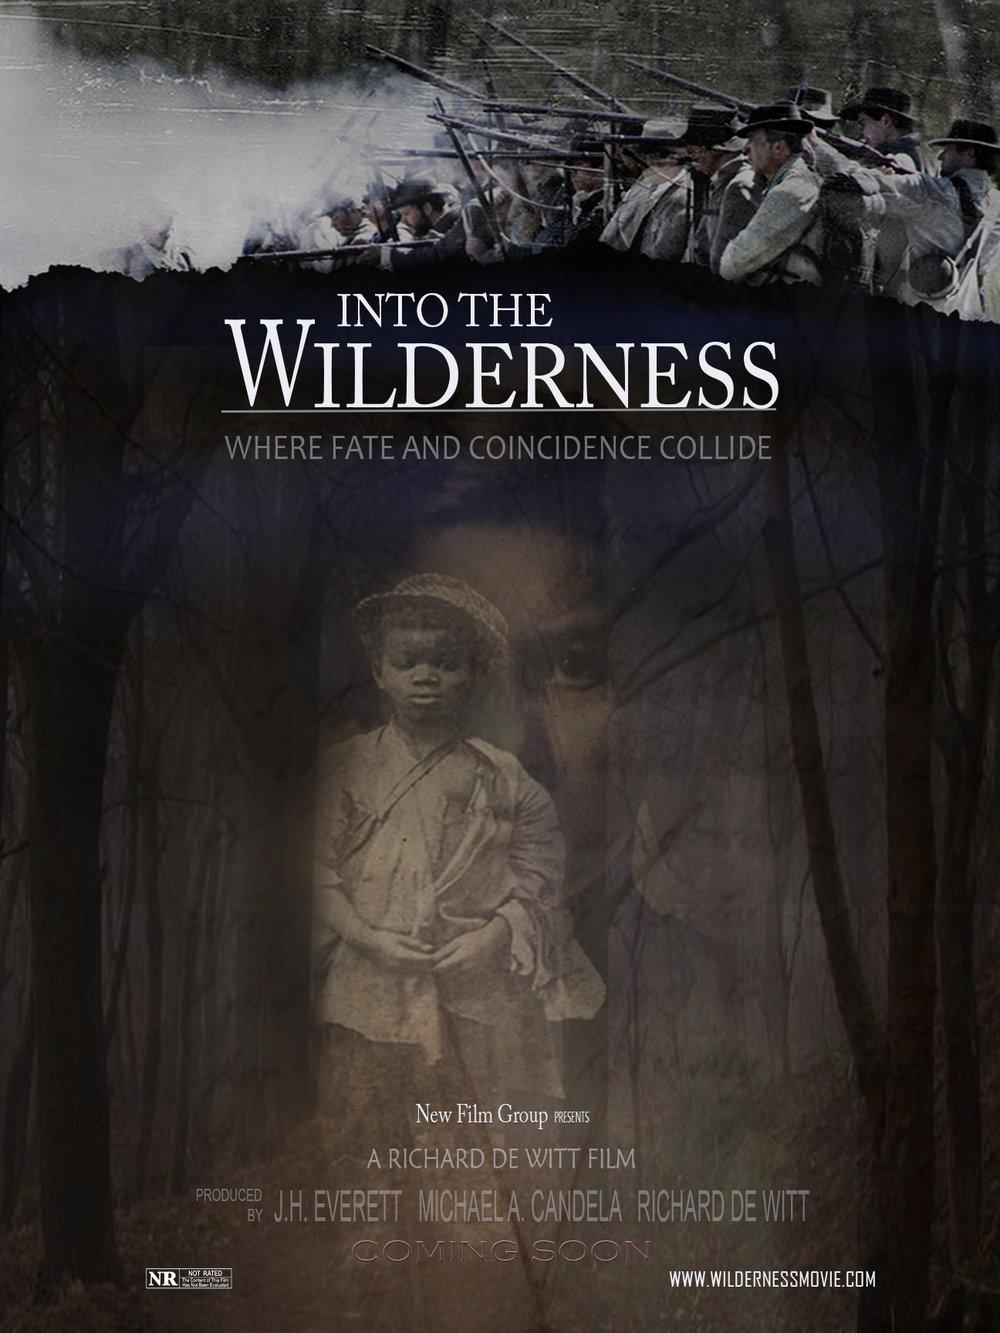 Visit - wildernessmovie.com